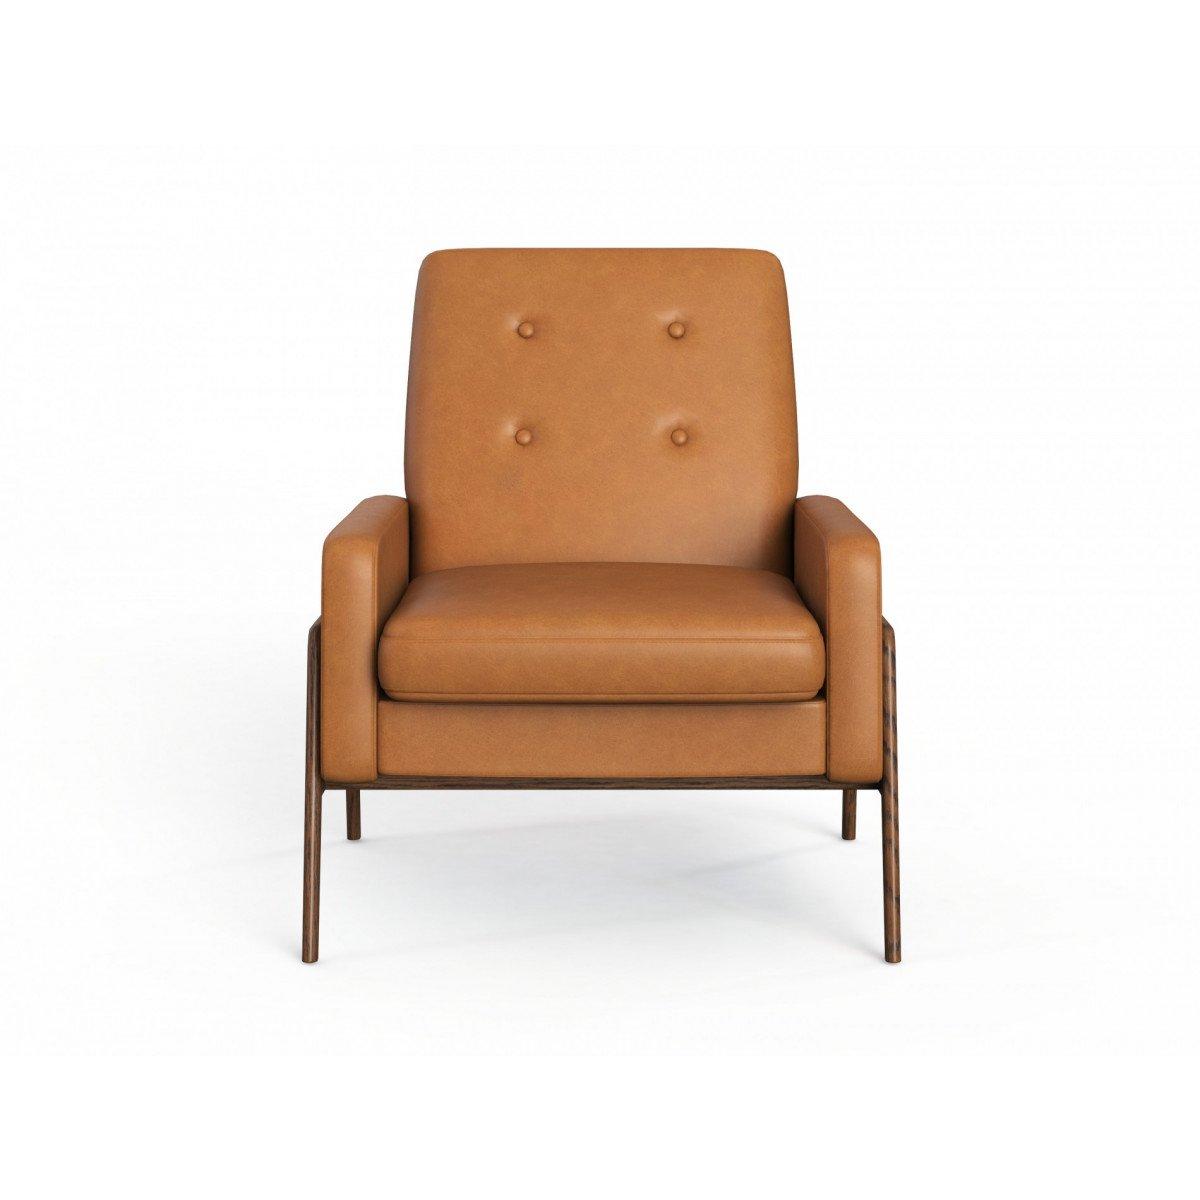 Sofa đơn da phong cách hiện đại